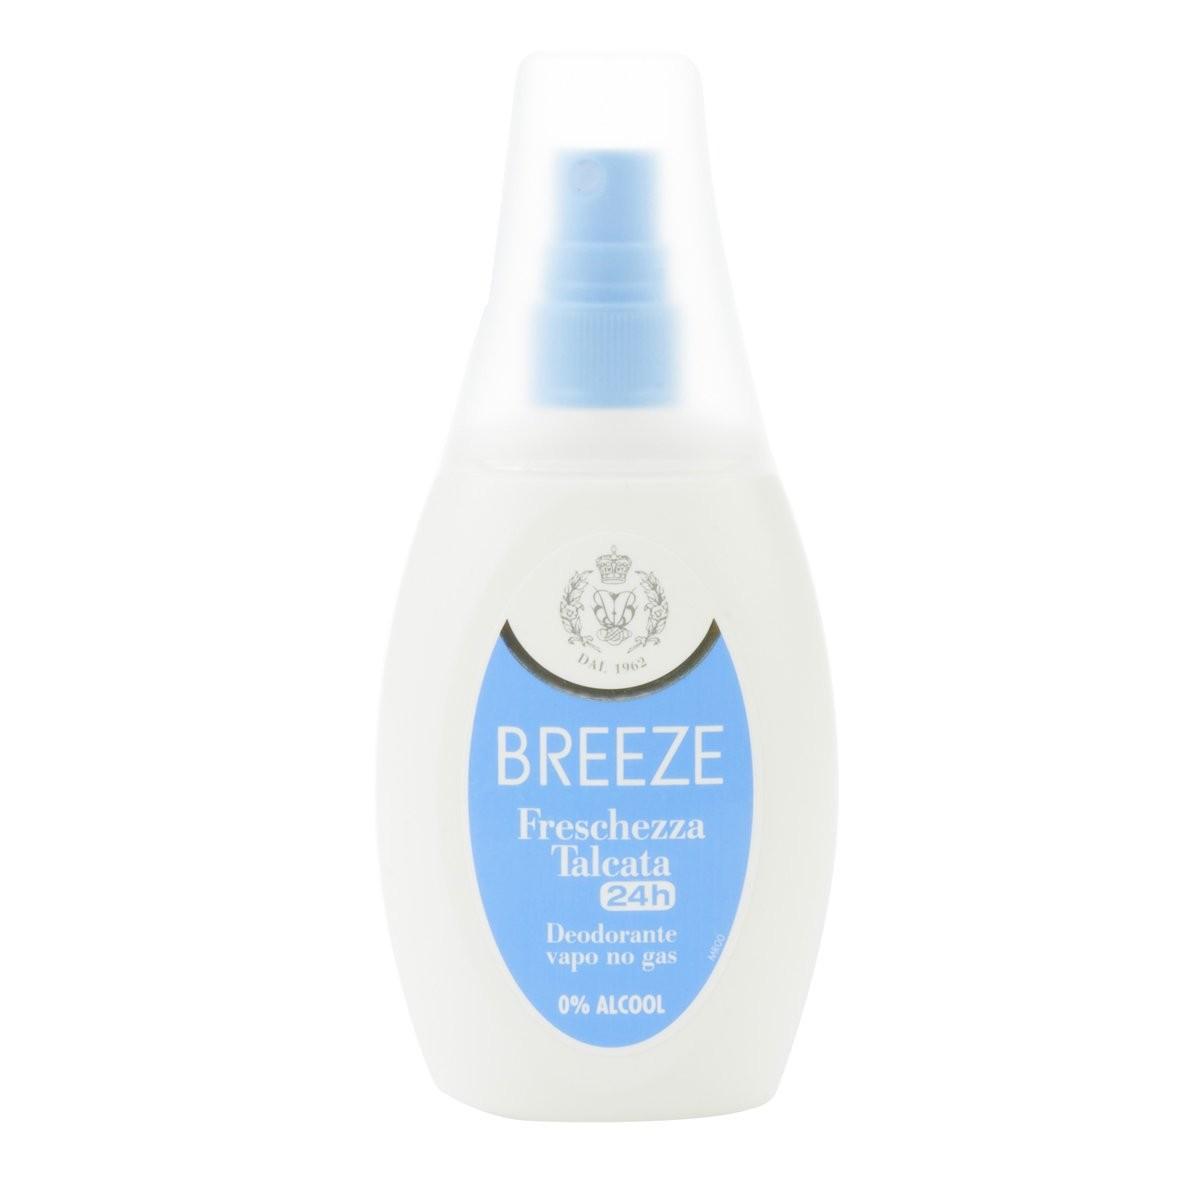 Breeze Deodorante vapo Freschezza Talcata 24h